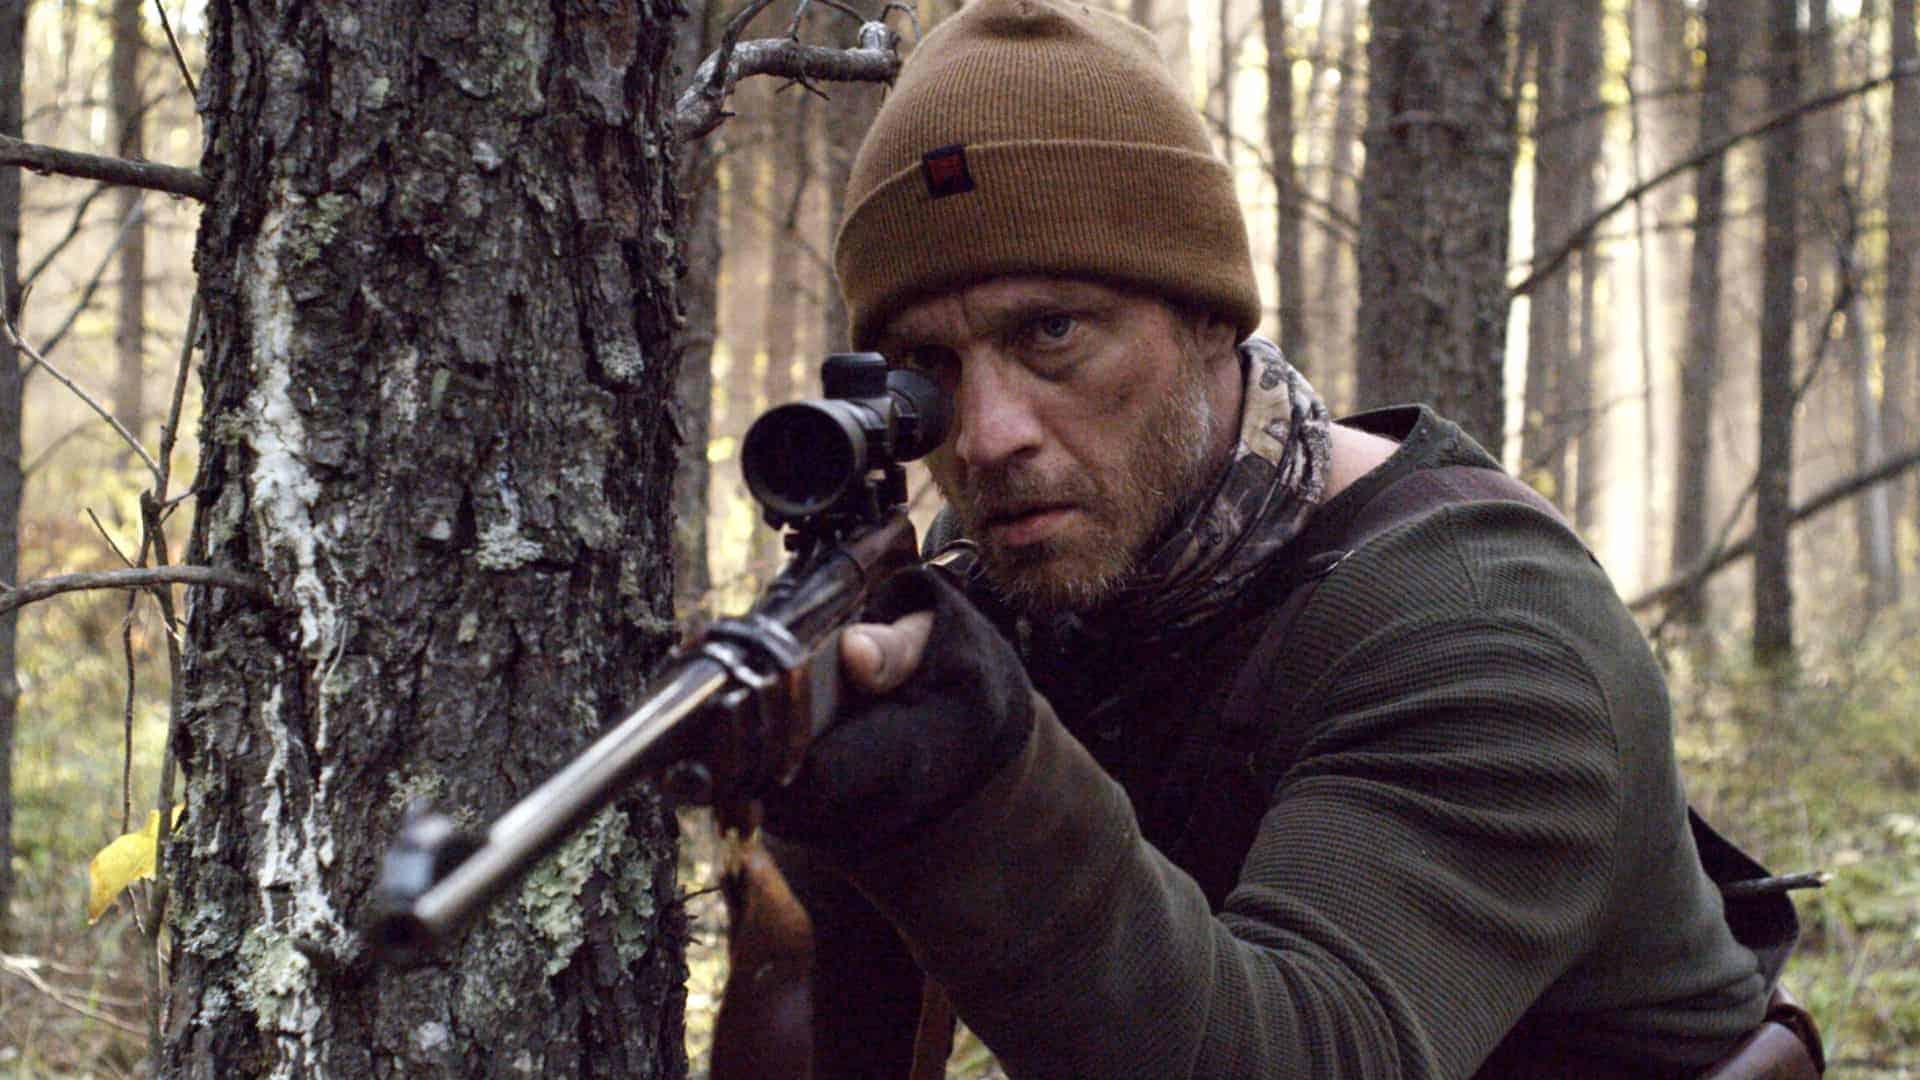 Devon Sawa as Mersault in Shawn Linden's Hunter Hunter (2020)